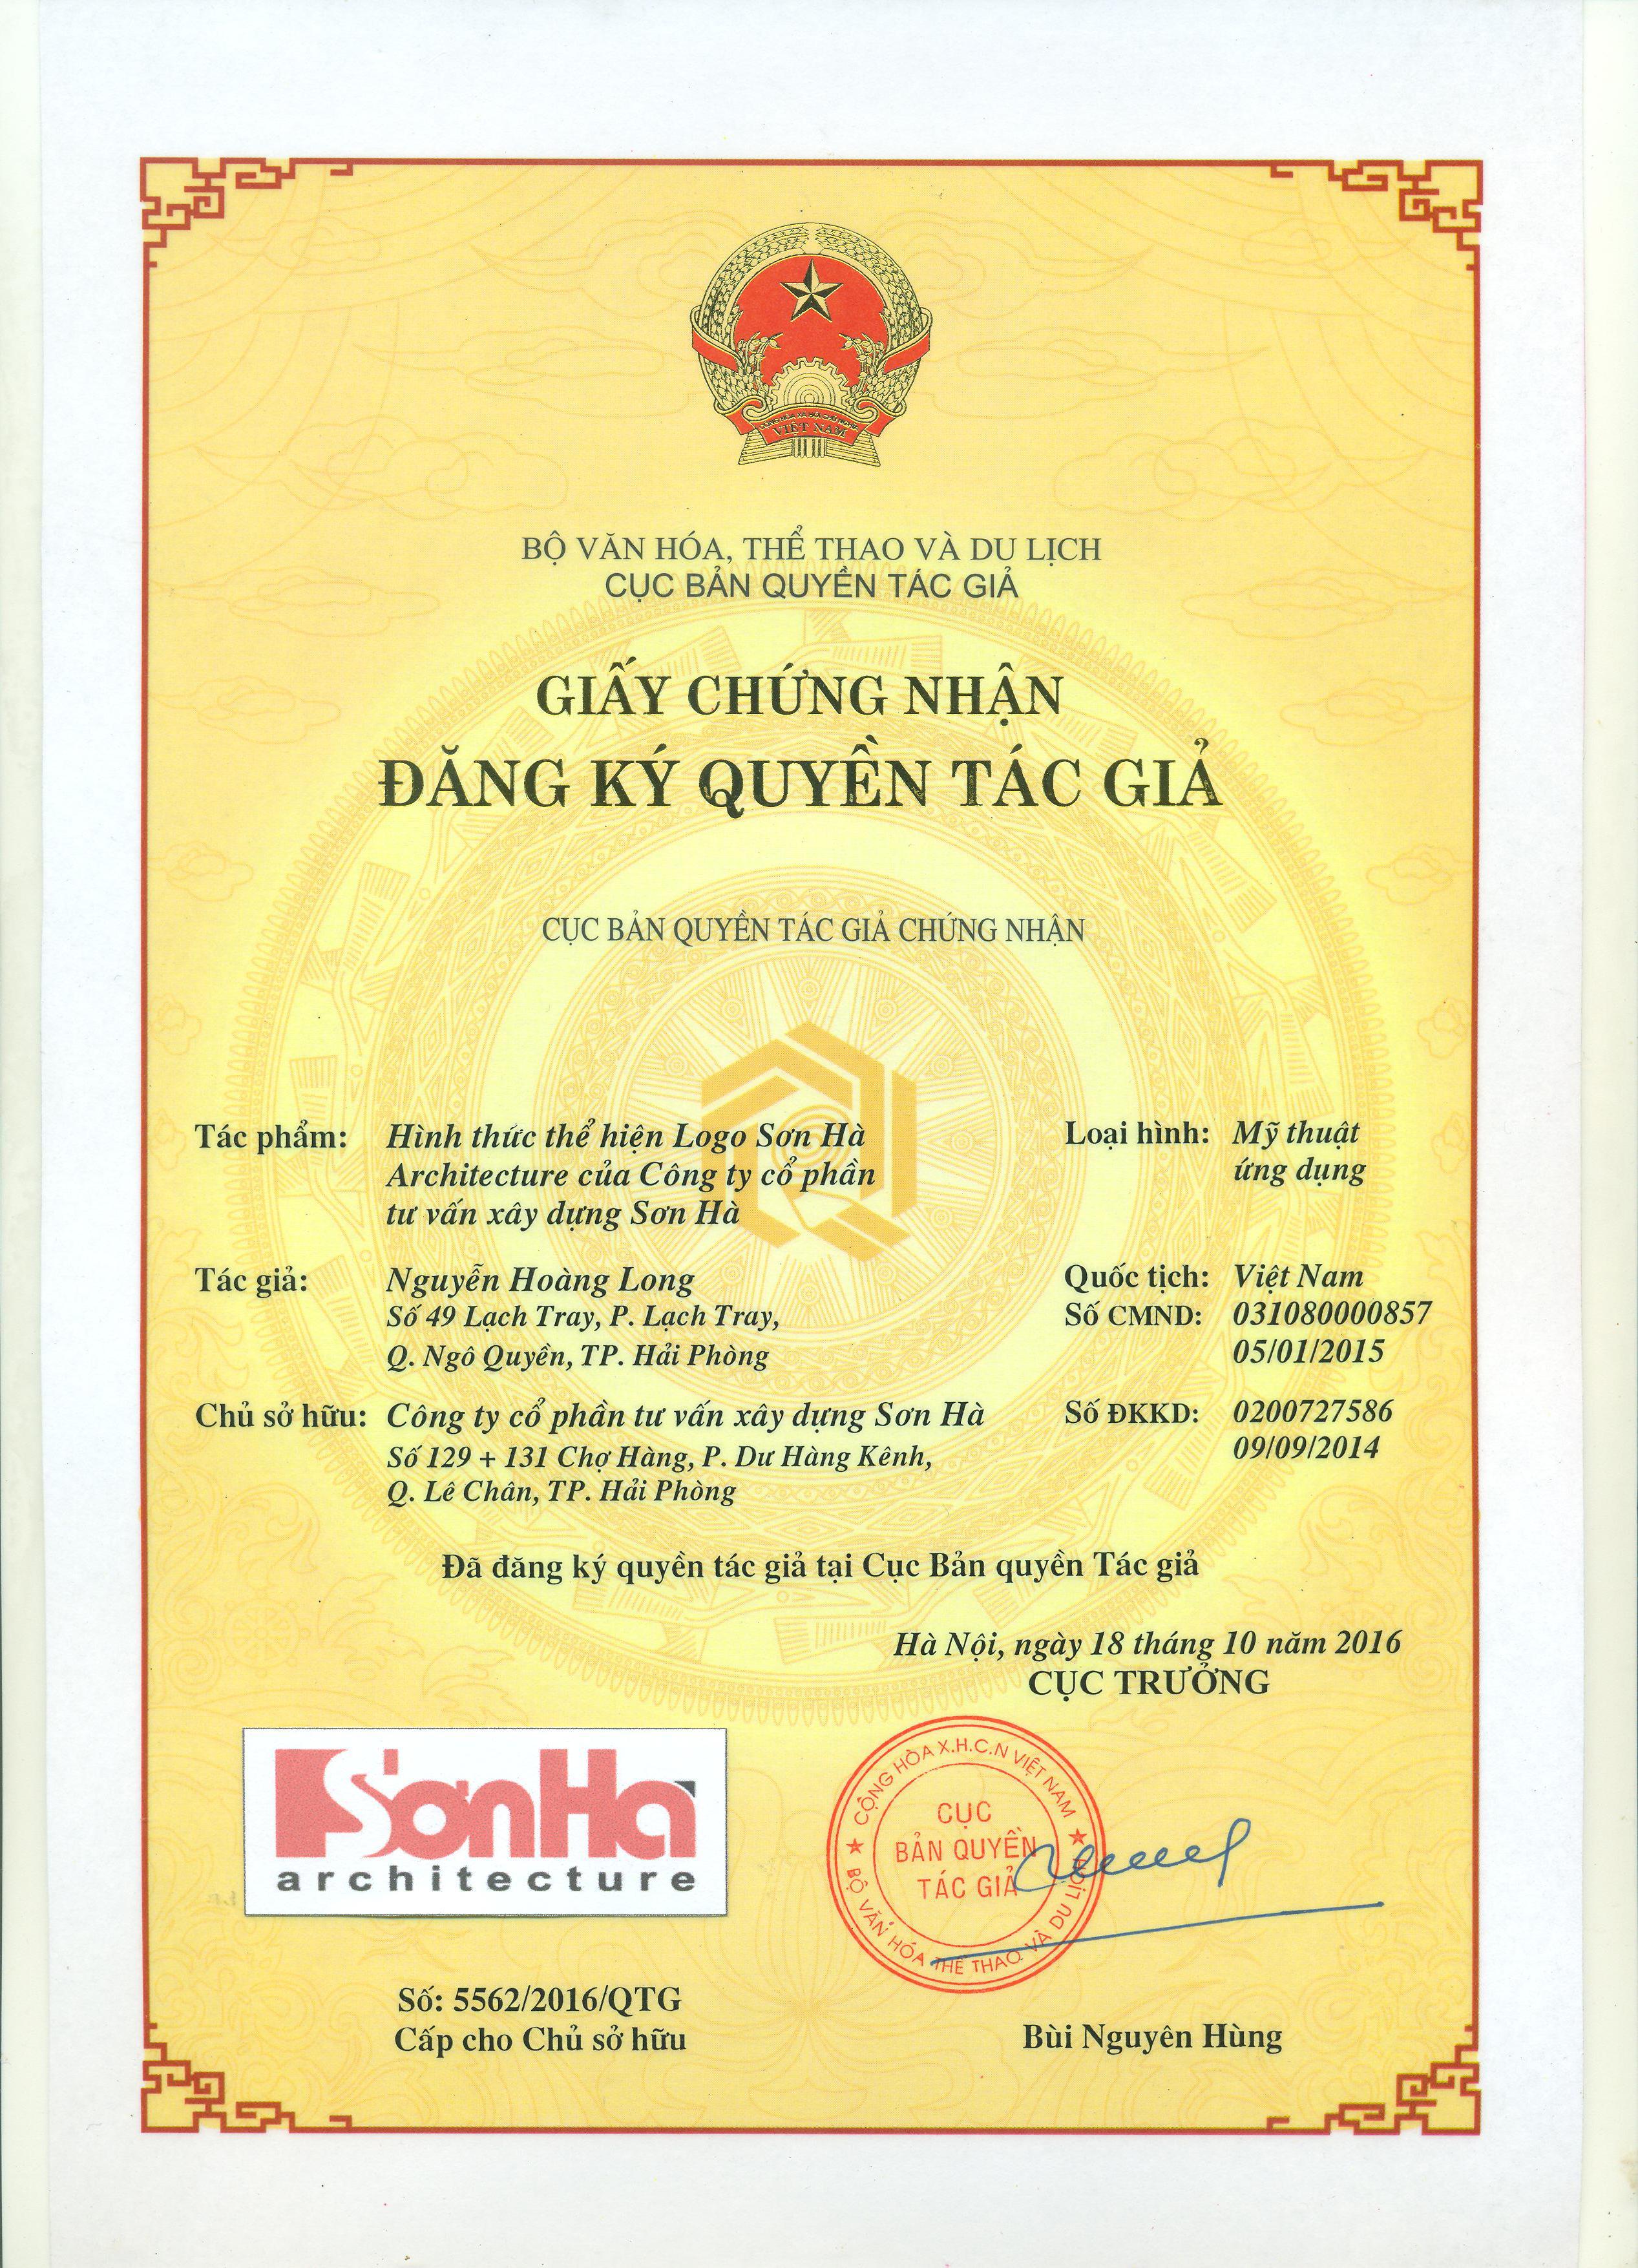 Giấy chứng nhận đăng ký quyền tác giả mẫu logo giàu bản sắc của SHAC